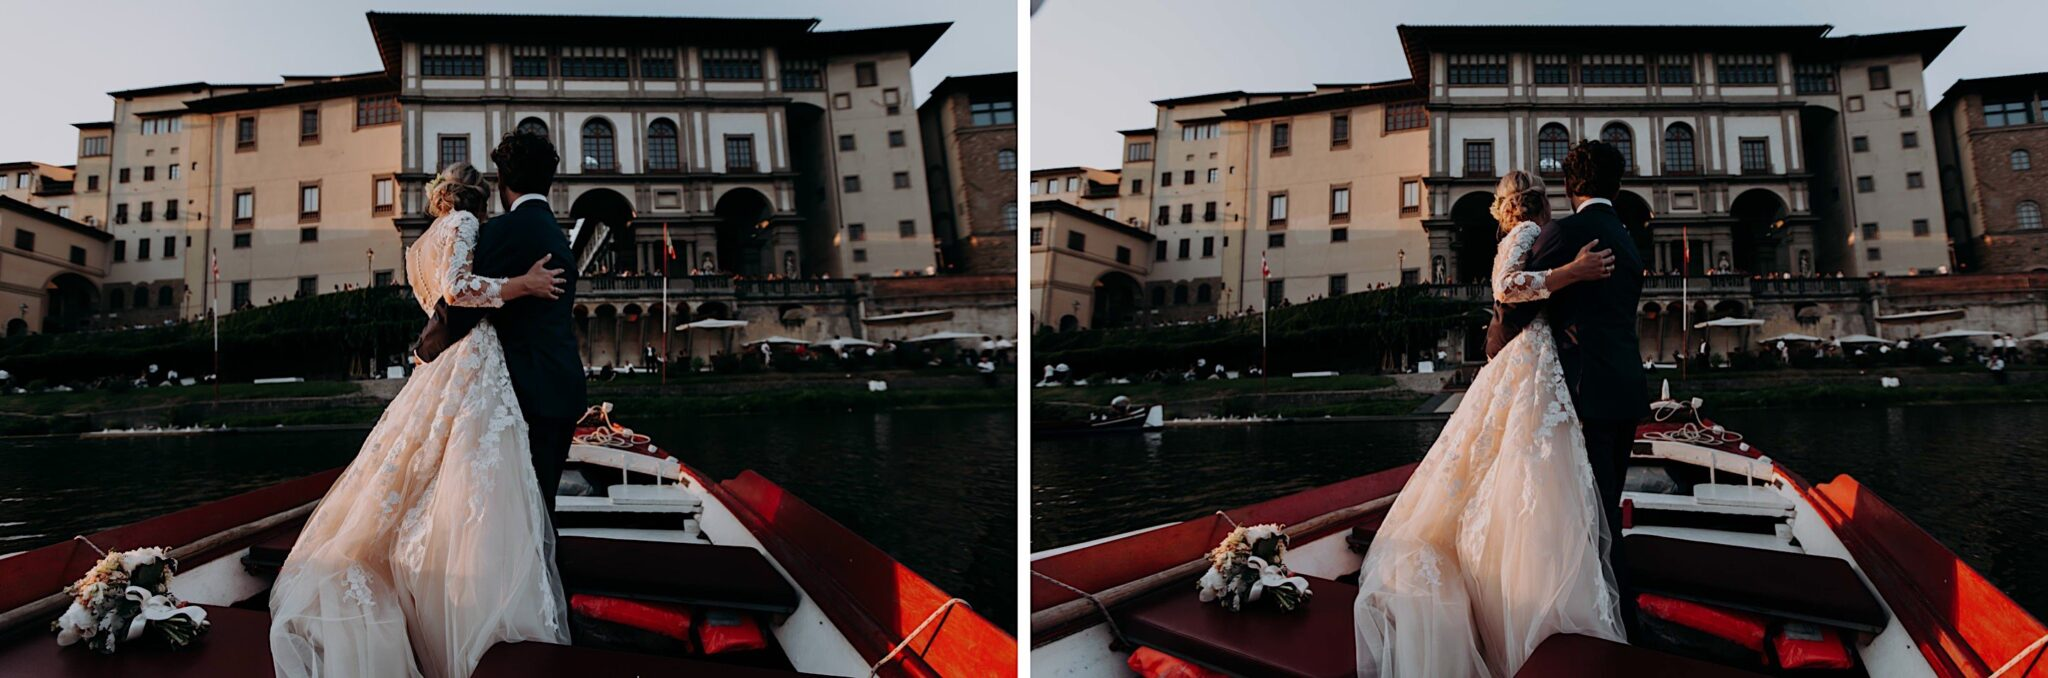 in barca sull'Arno, con vista del Palazzo Vecchio di Firenze